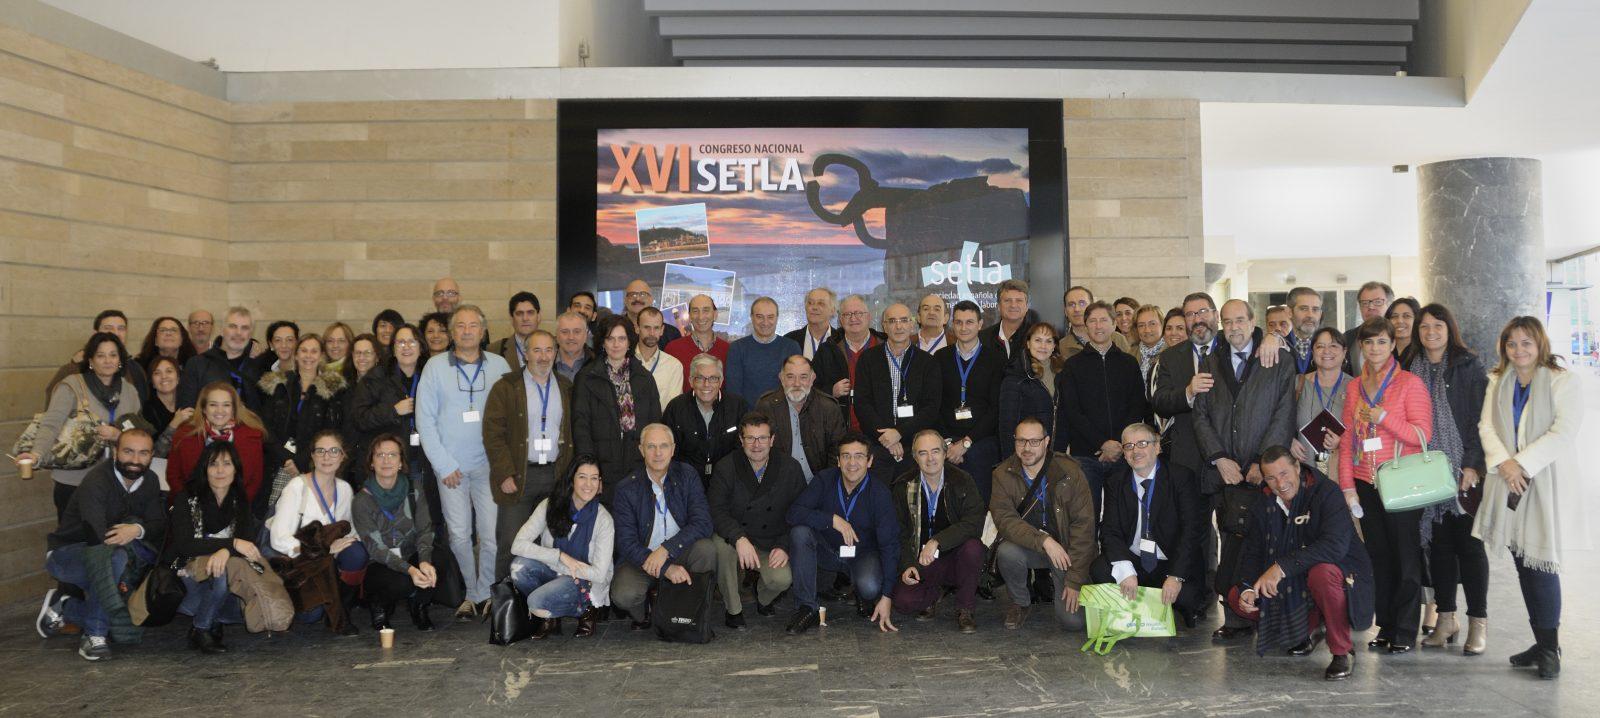 Cuatro trabajos de Asepeyo premiados en el congreso de la SETLA